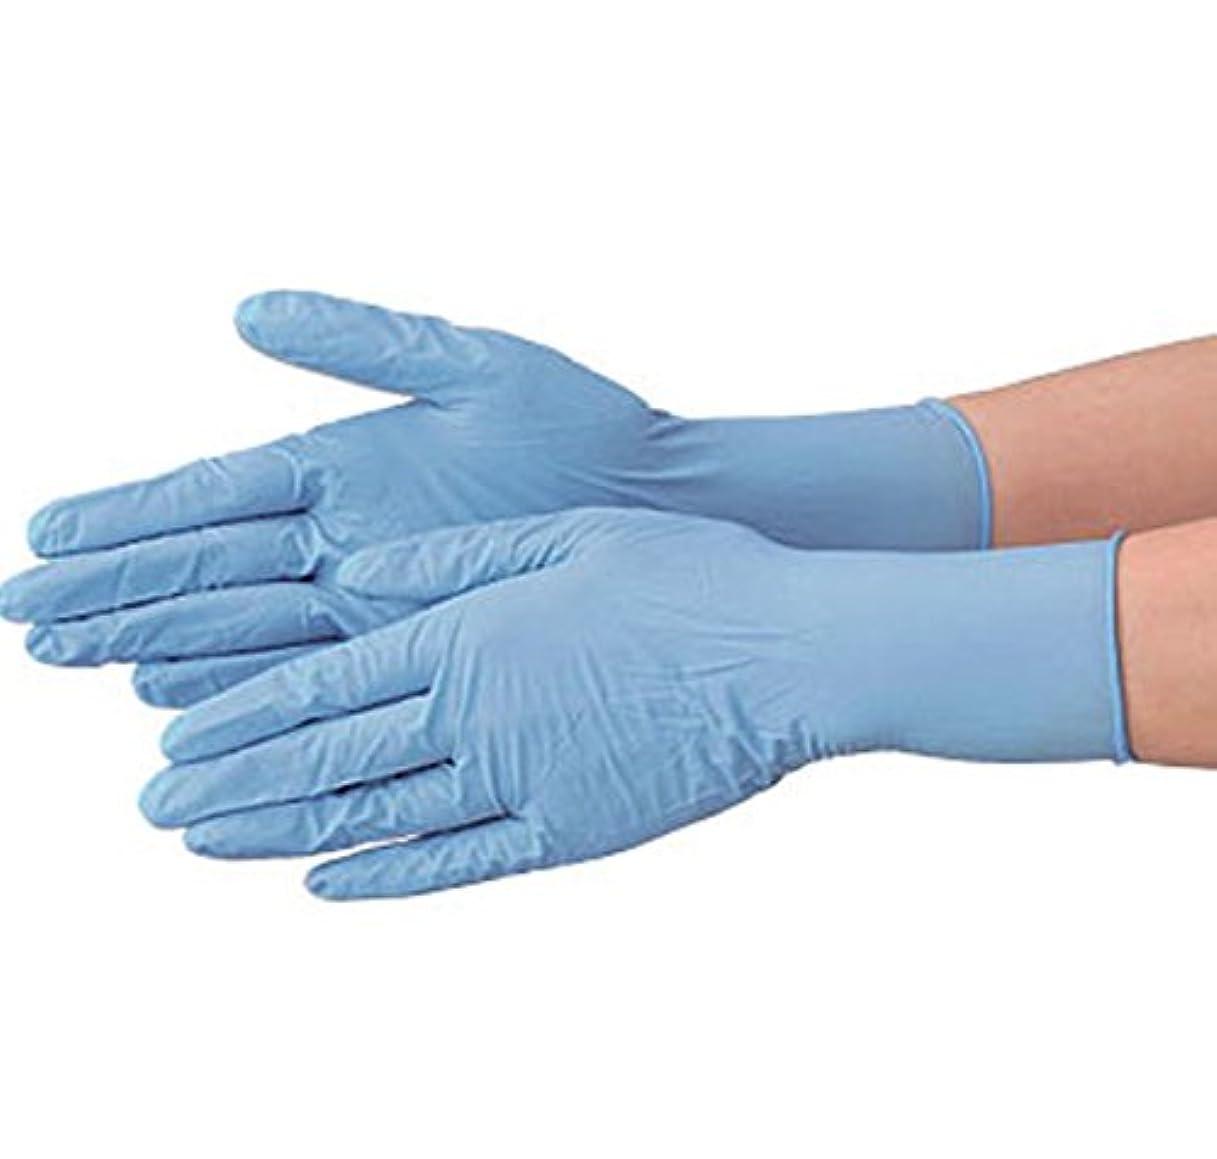 光の覚醒干し草使い捨て 手袋 エブノ 520 ニトリル 極薄手袋 パウダーフリー ブルー Sサイズ 2ケース(100枚×40箱)